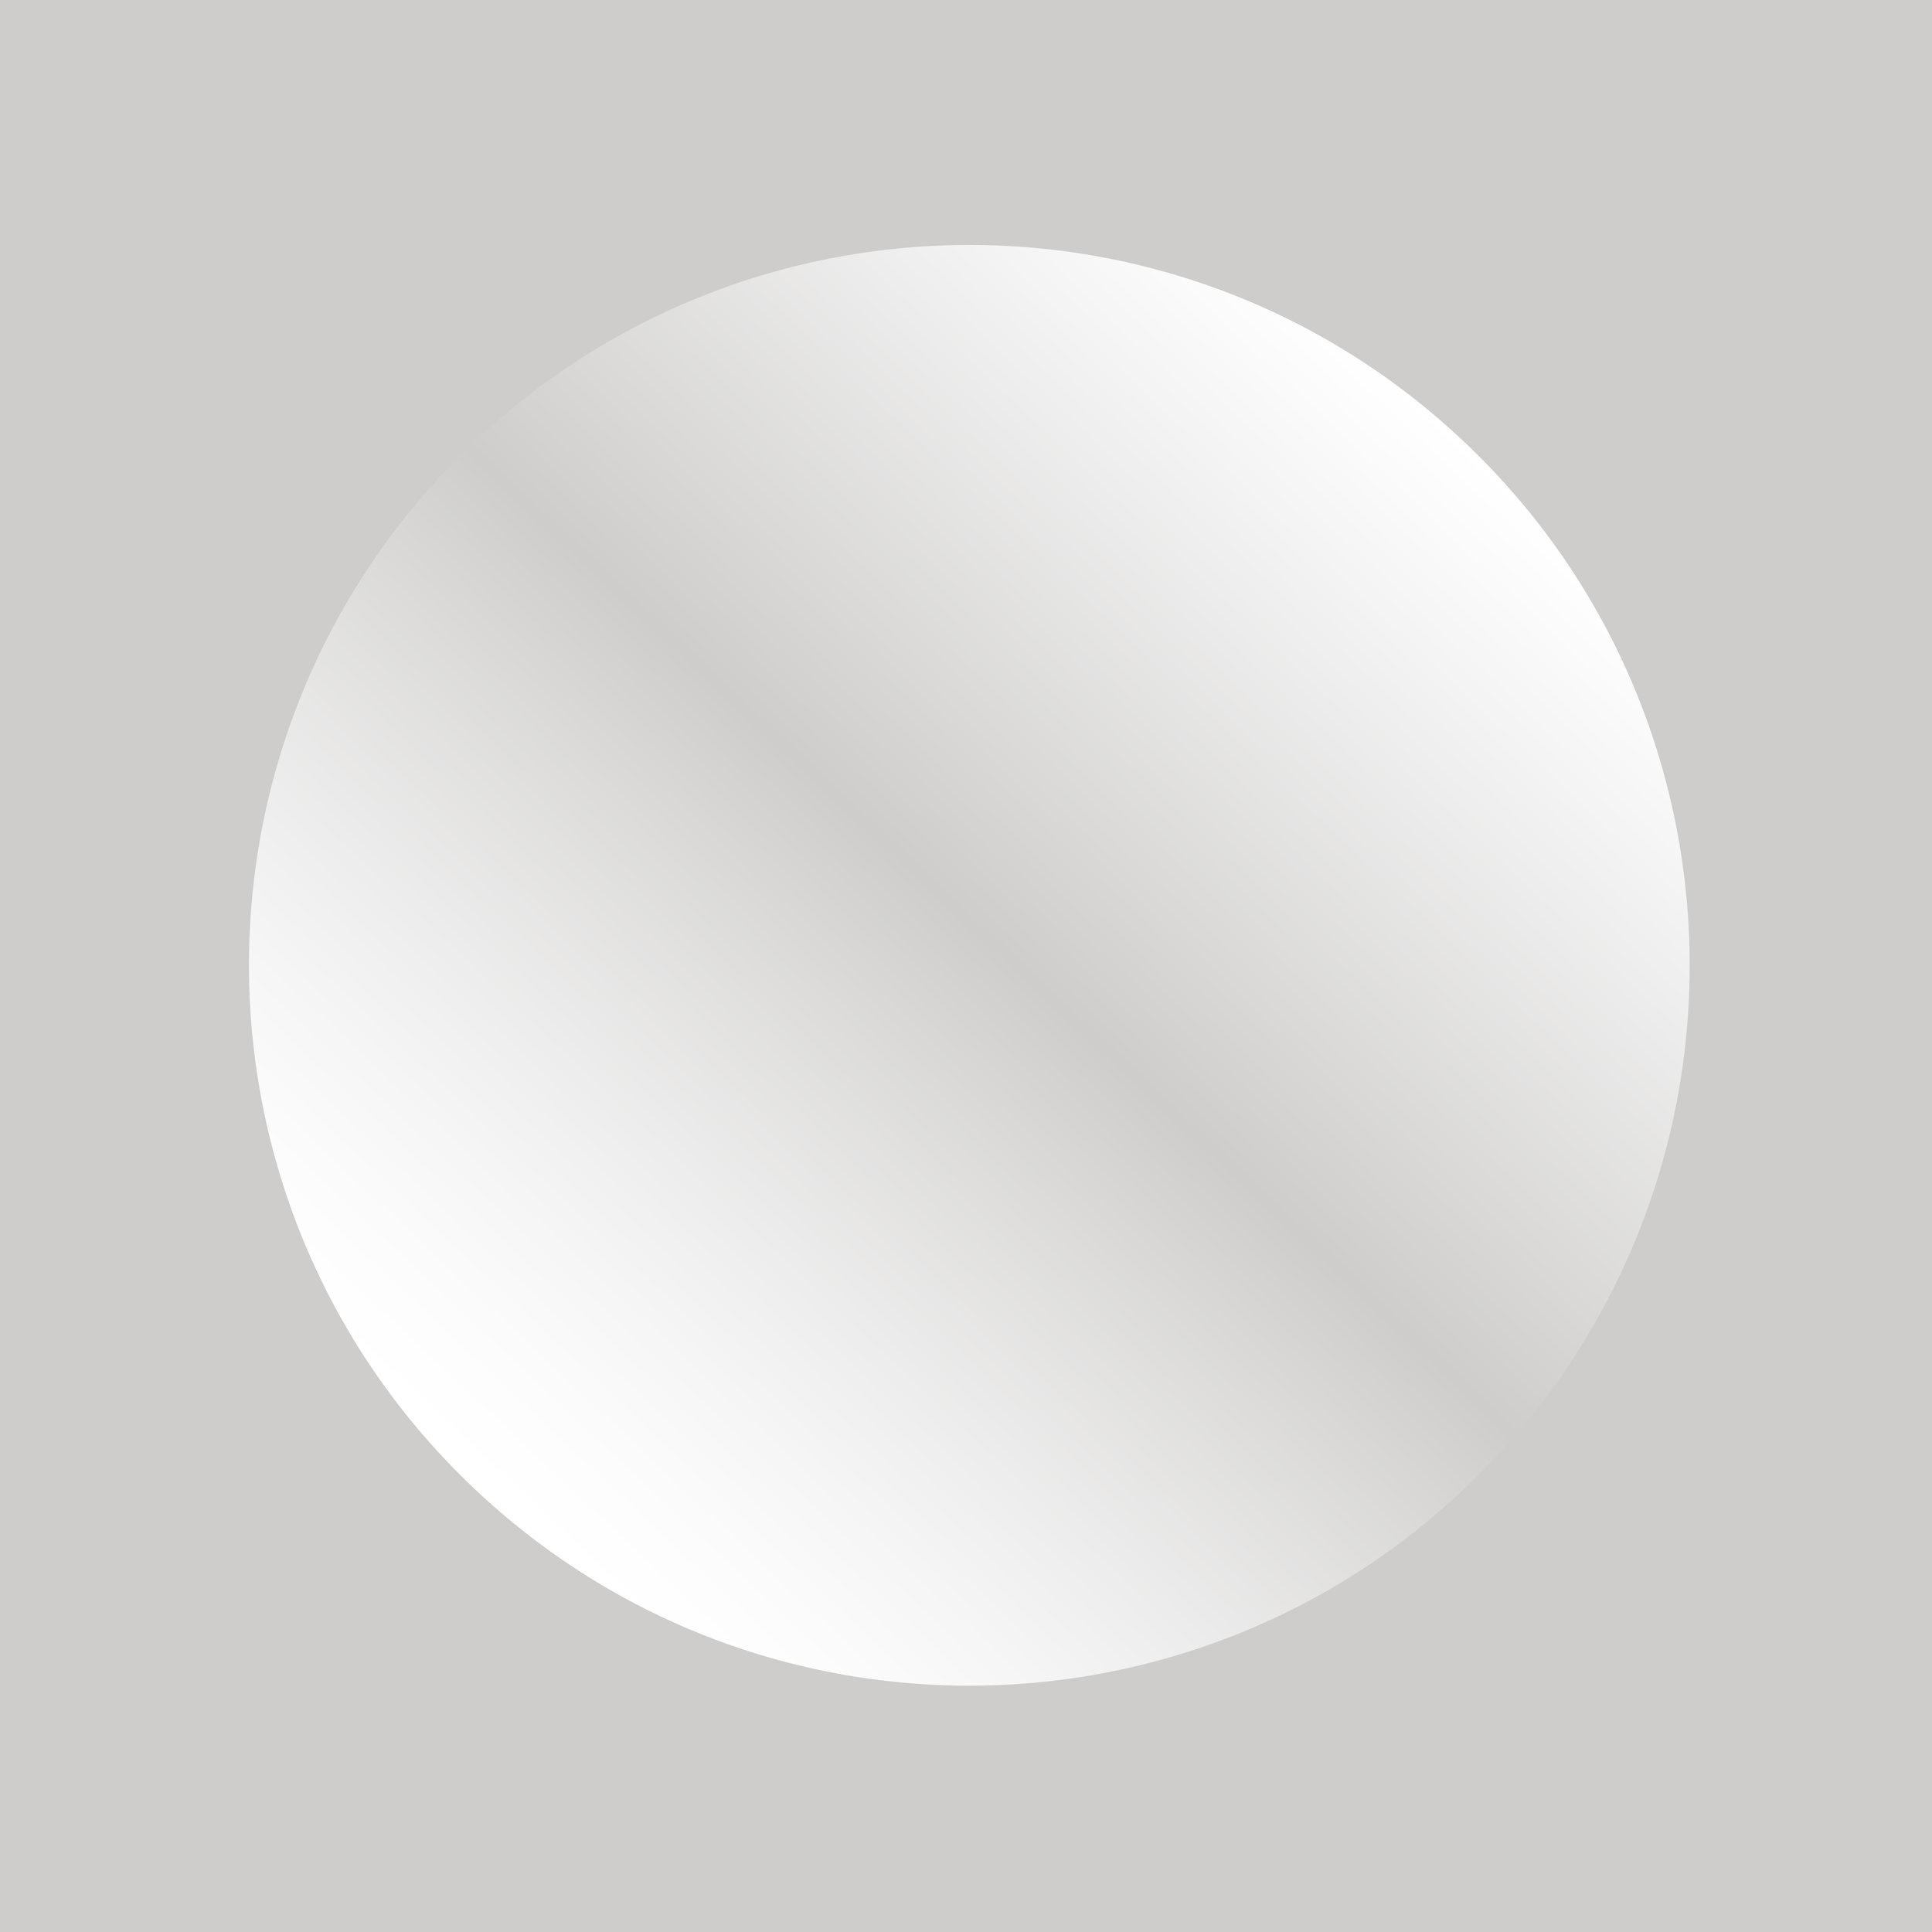 BallPatter_2-32.jpg